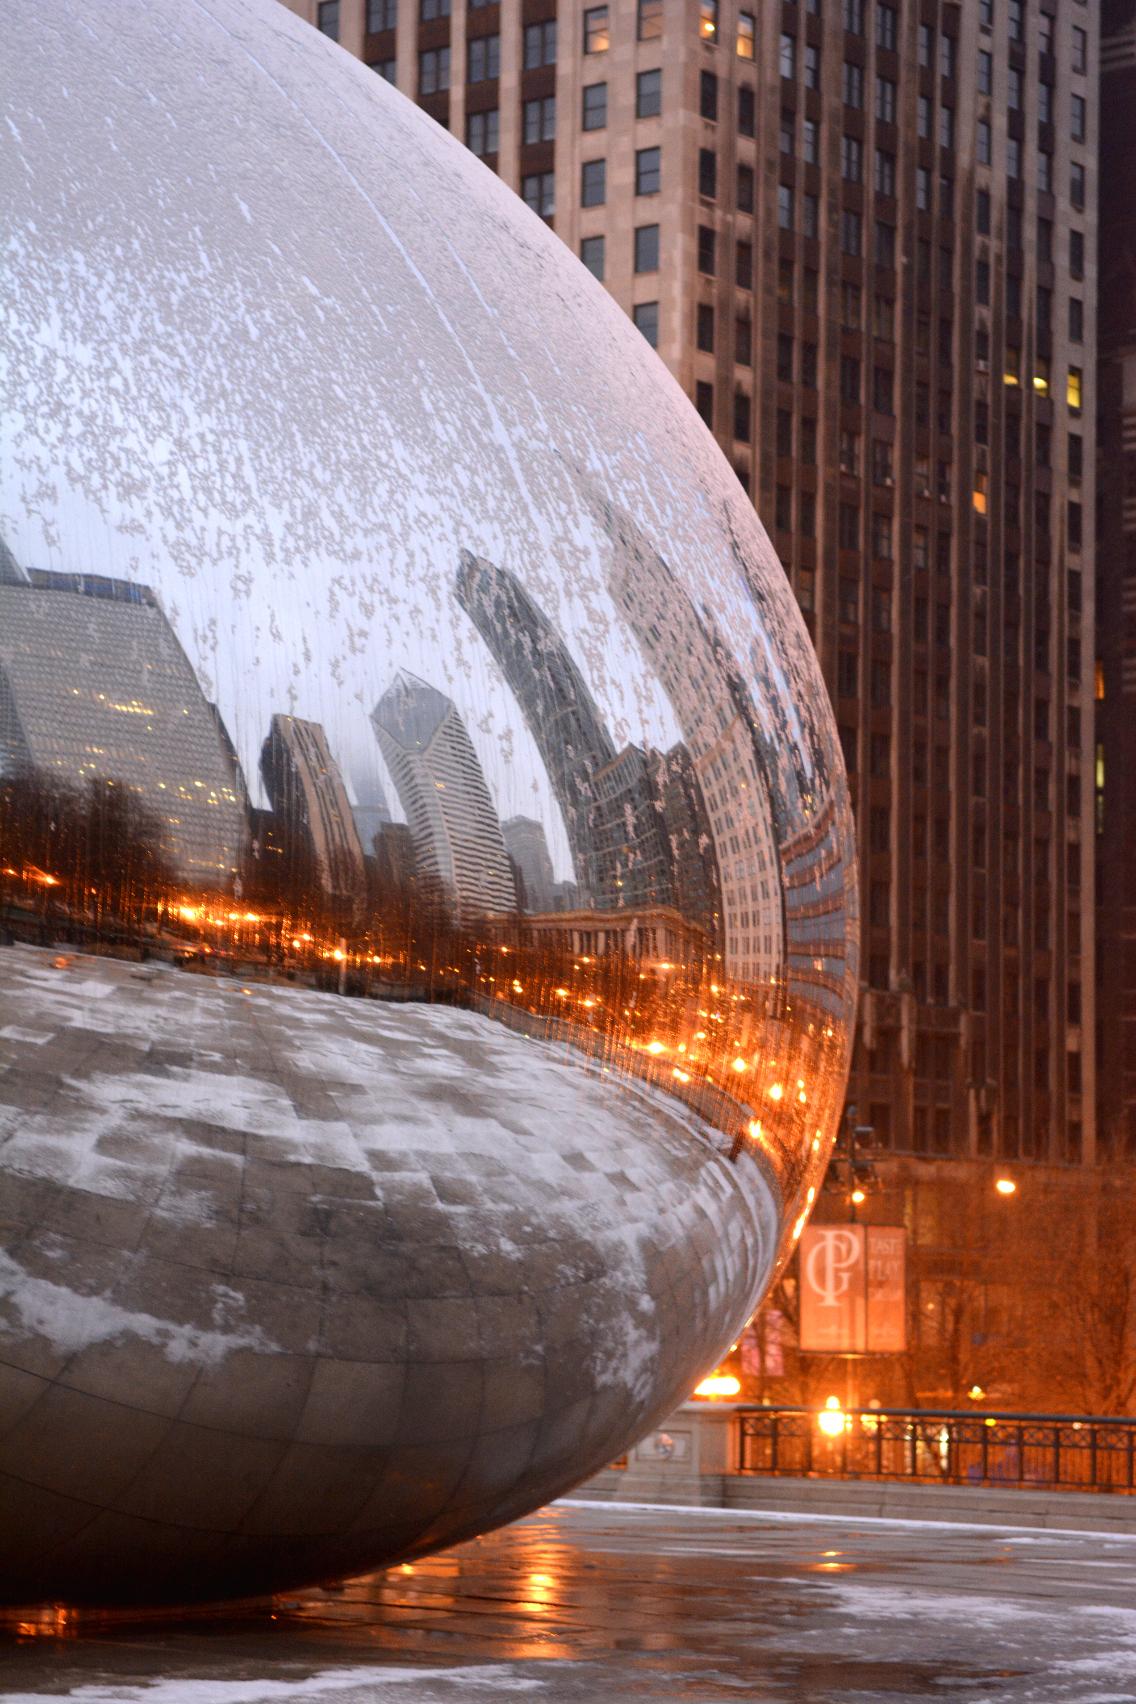 Chicago Millennium Park Cloud Gate The Bean 5